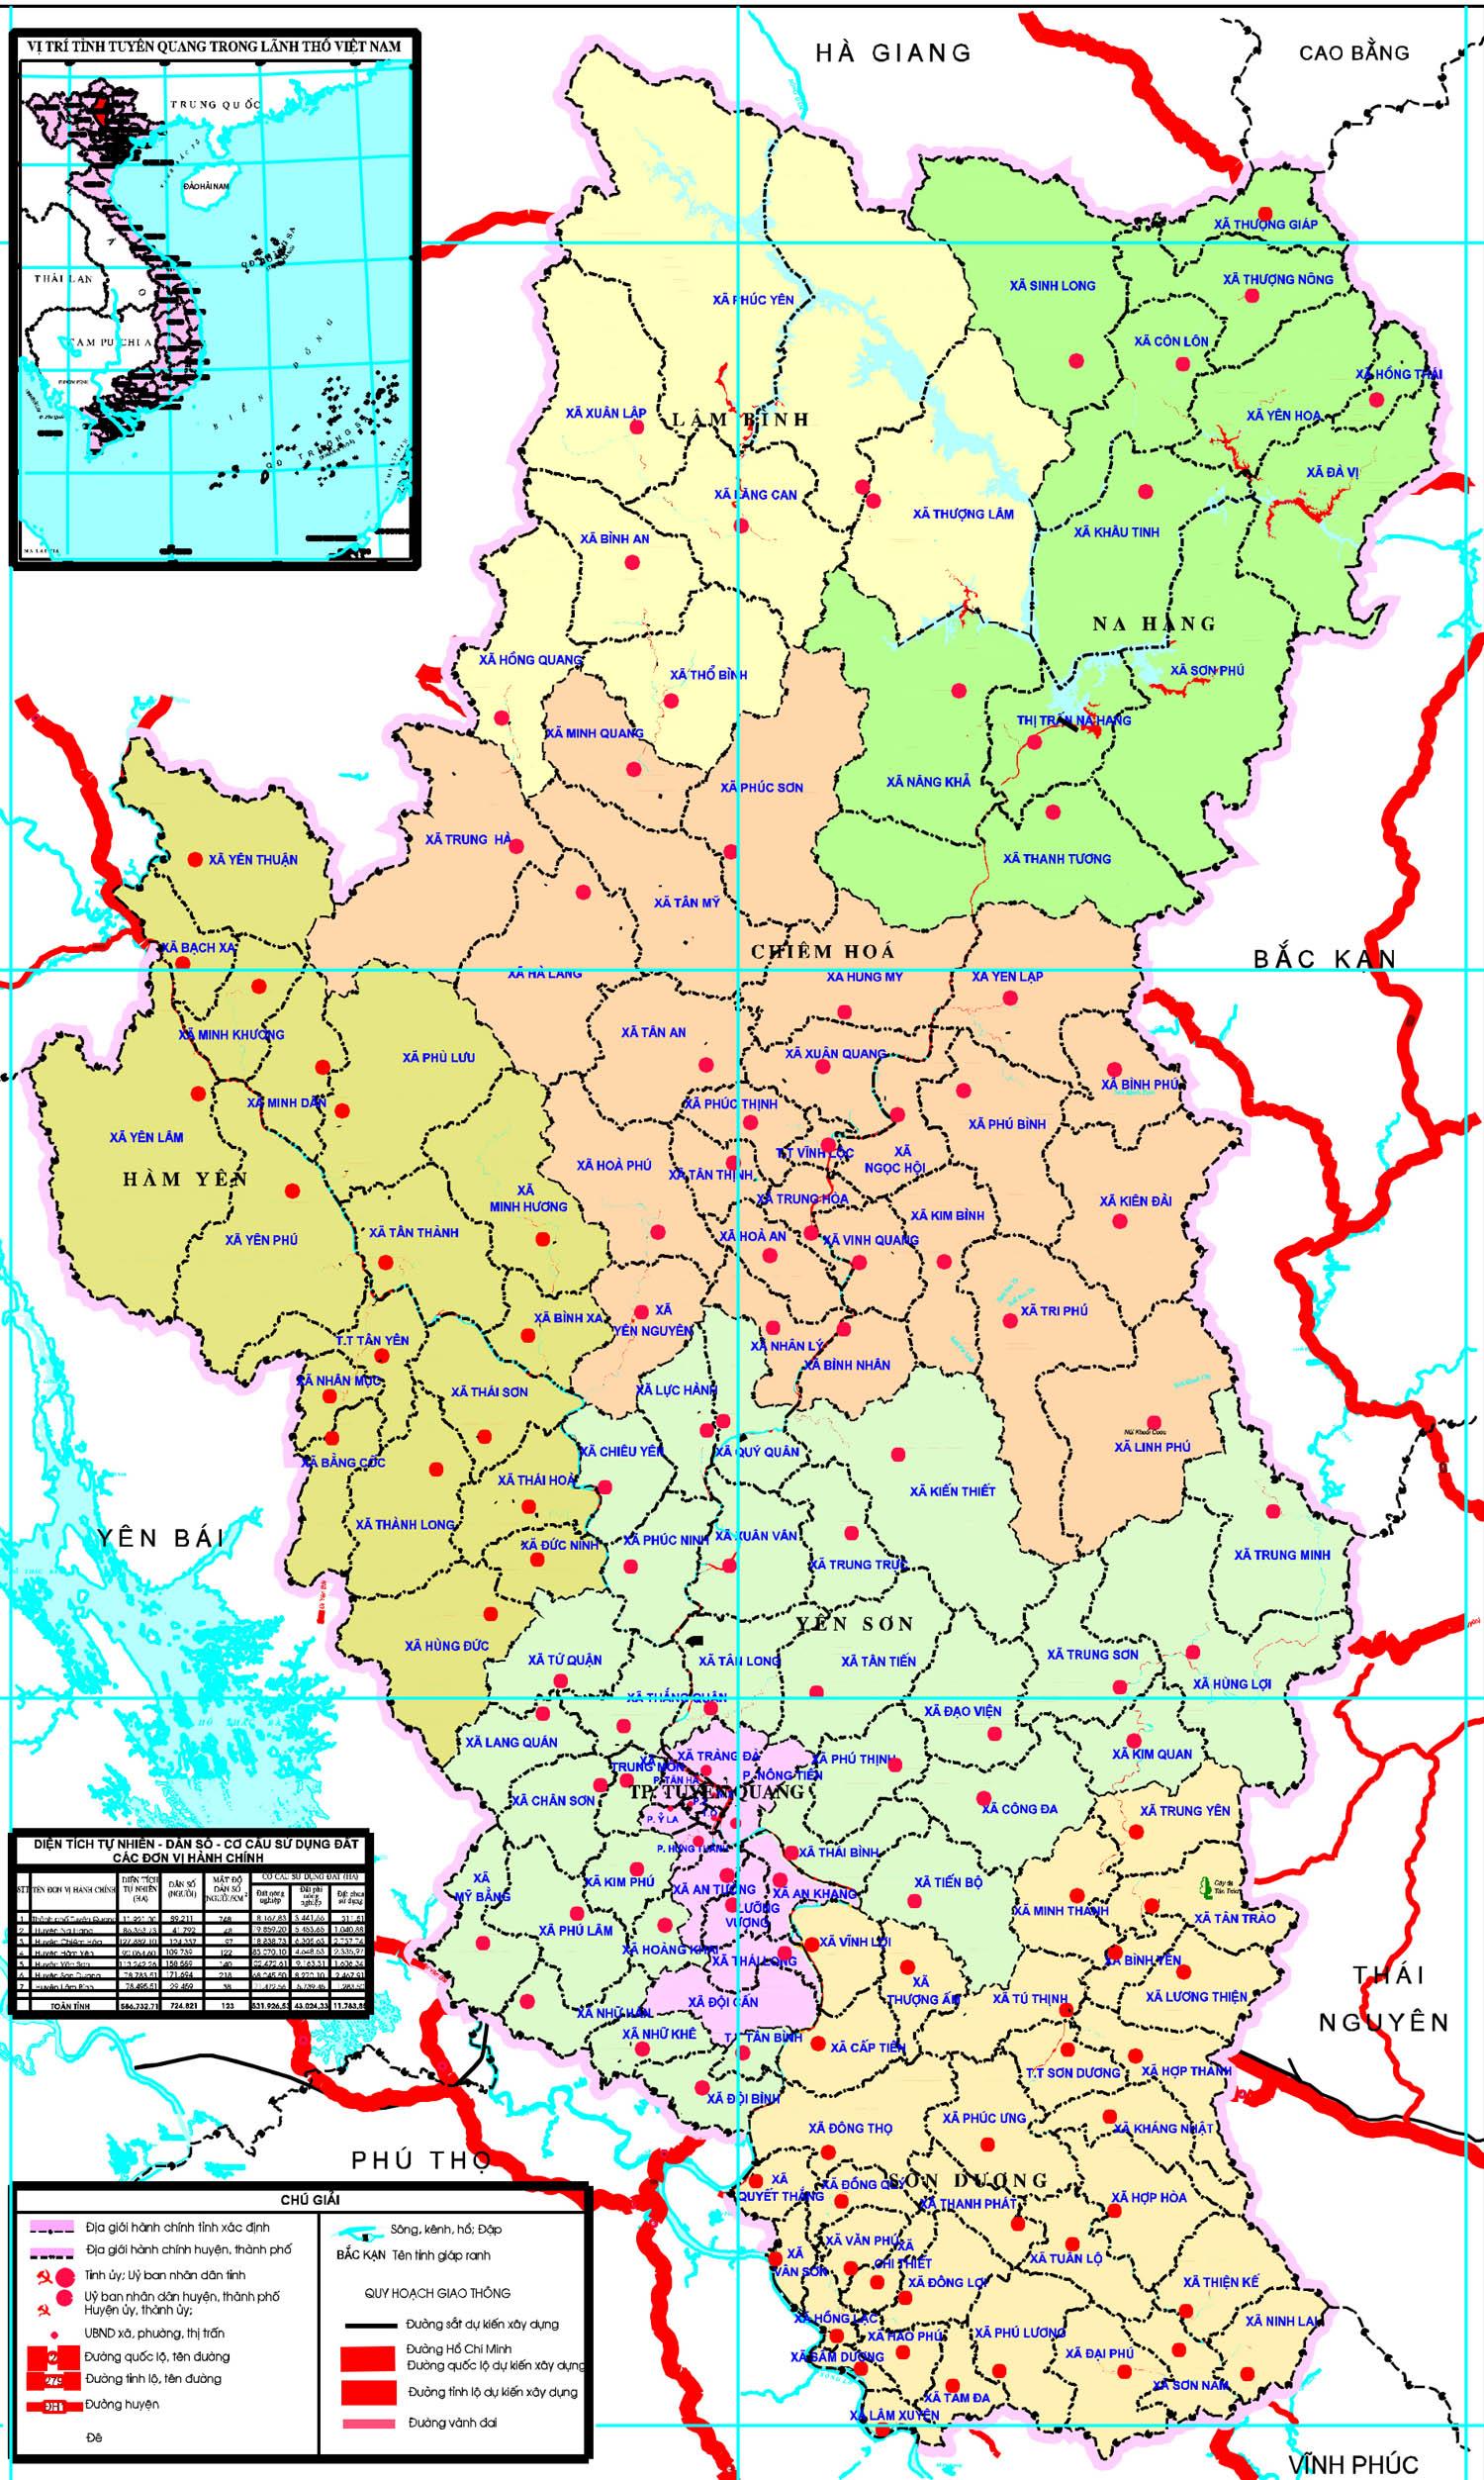 Bảng giá nhà đất Tuyên Quang từ năm 2015 đến 2020